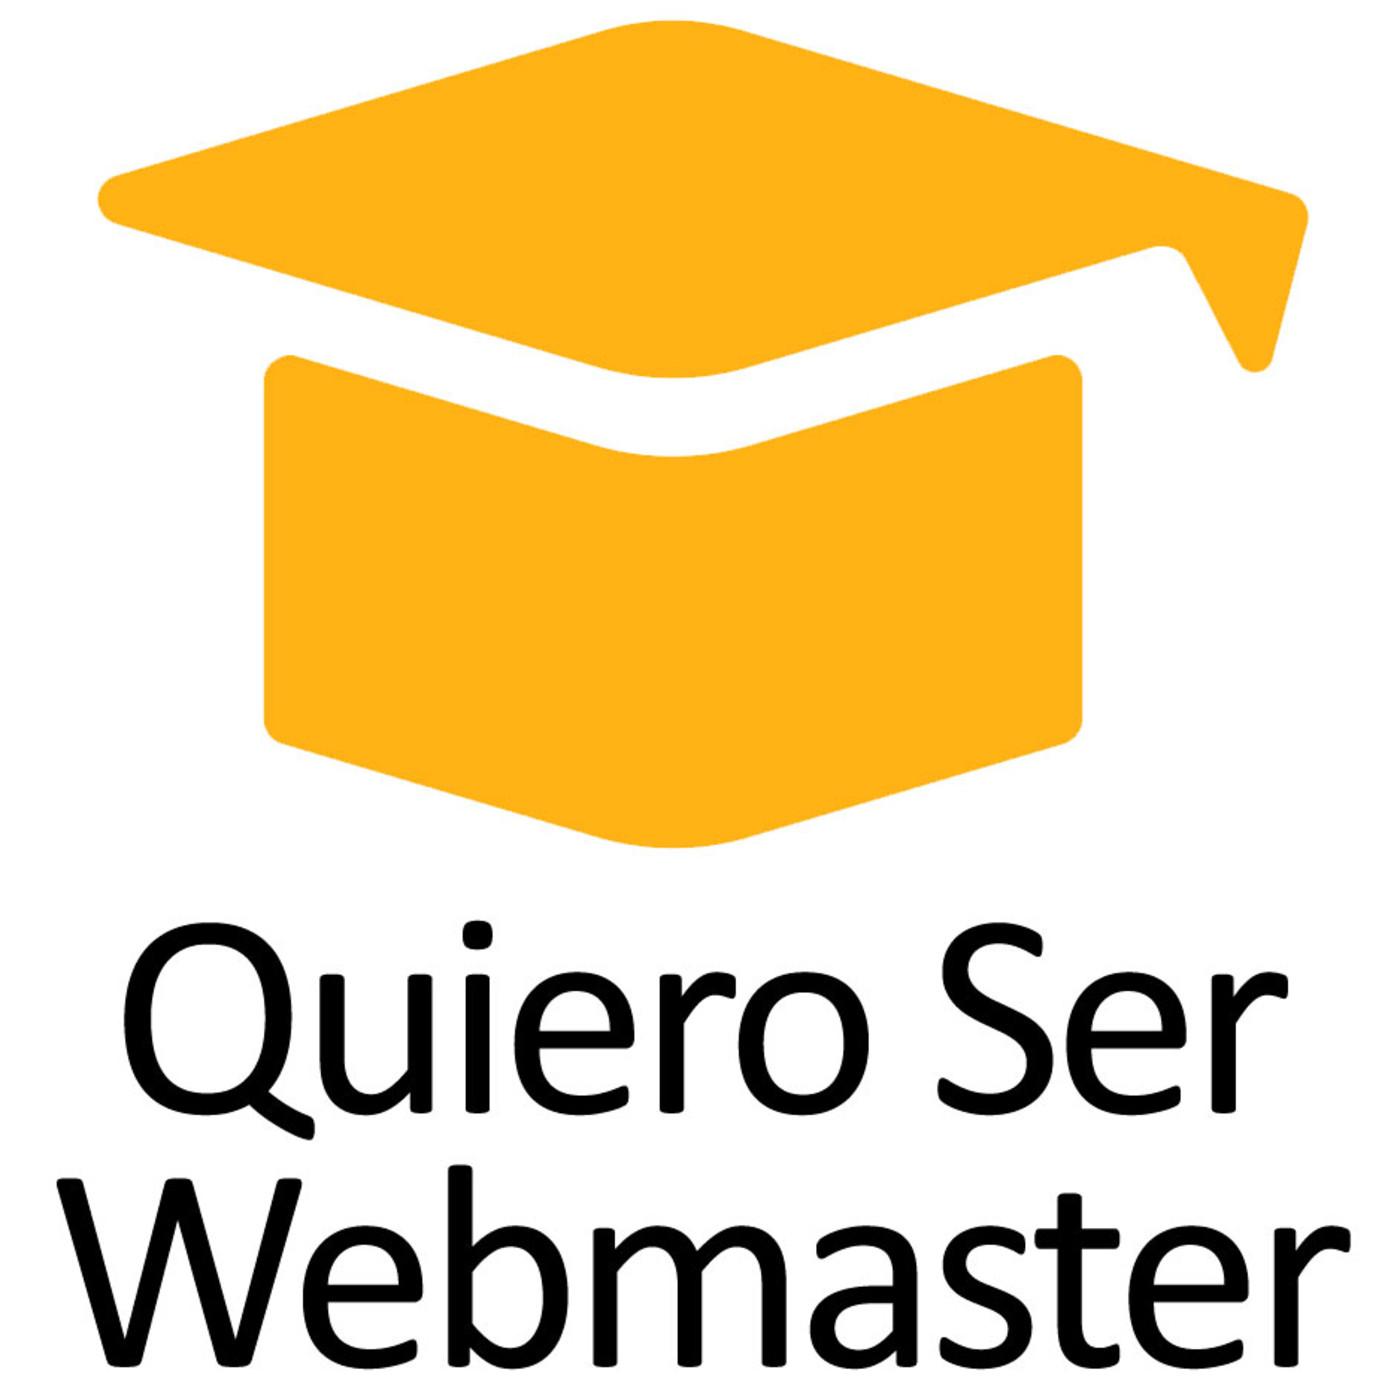 QuieroSerWebmaster